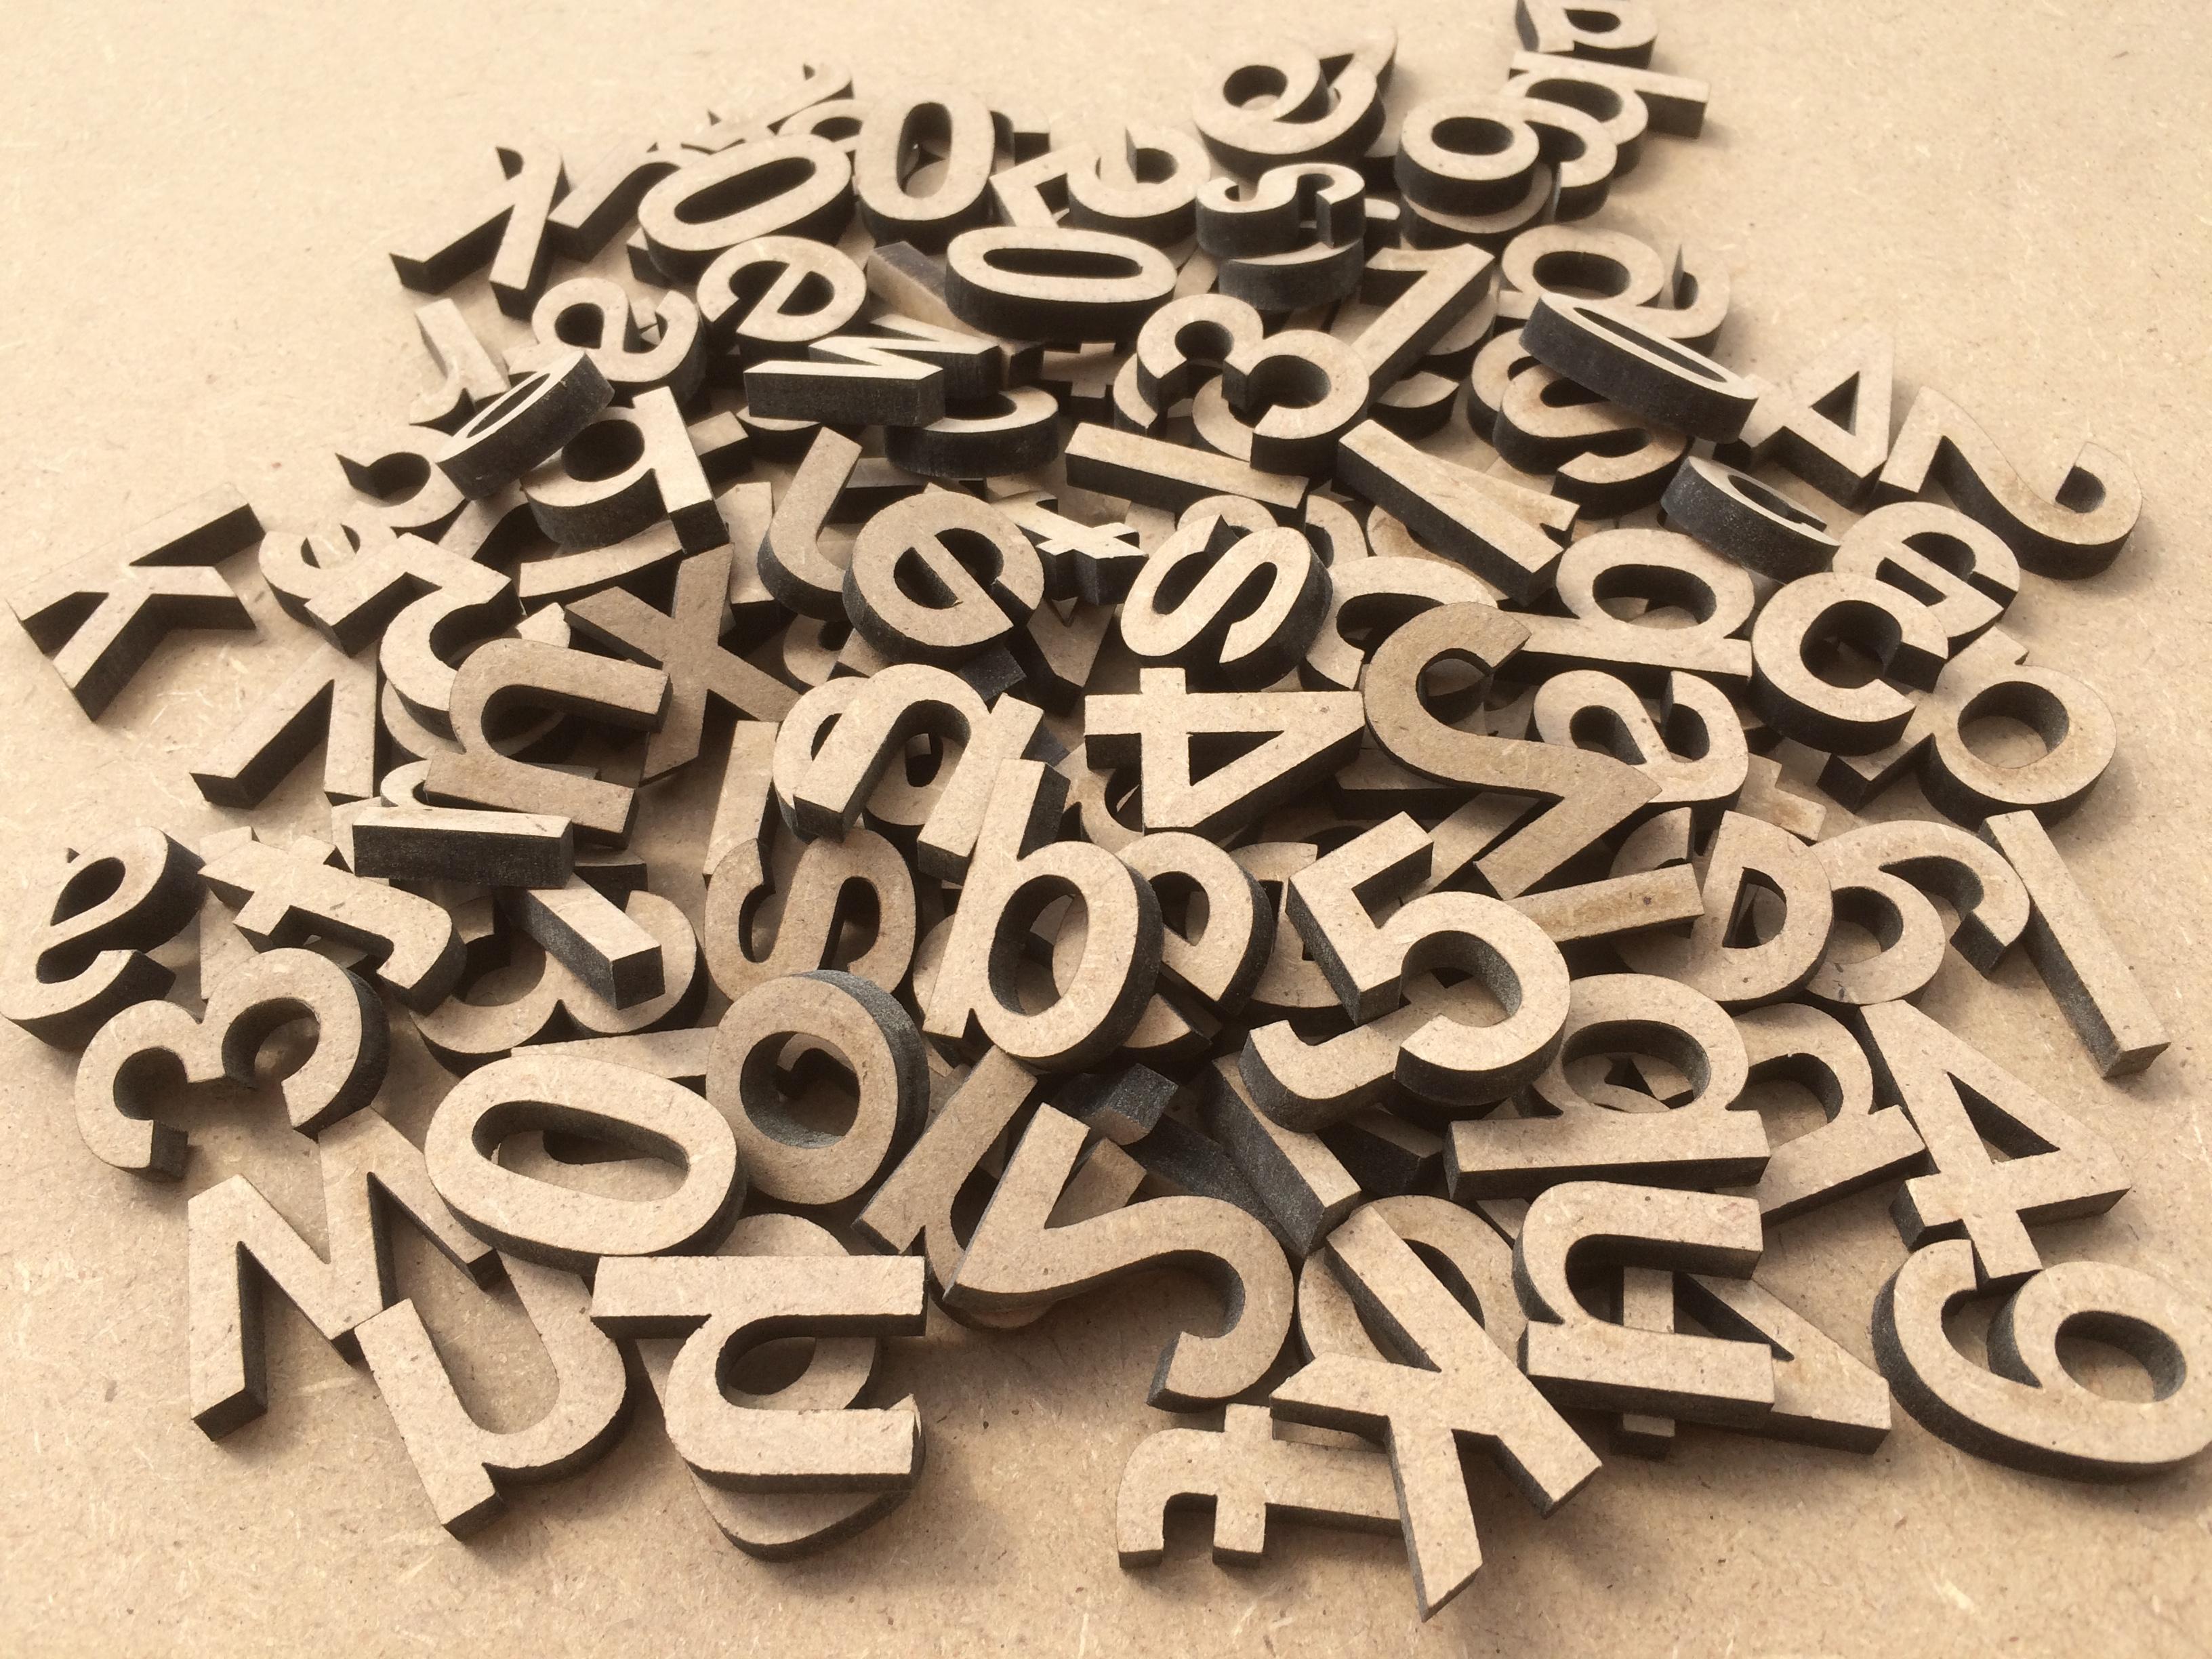 Lettres minuscules en bois lot de 100 pi ces l 39 alphabet - Lettre decorative en bois ...